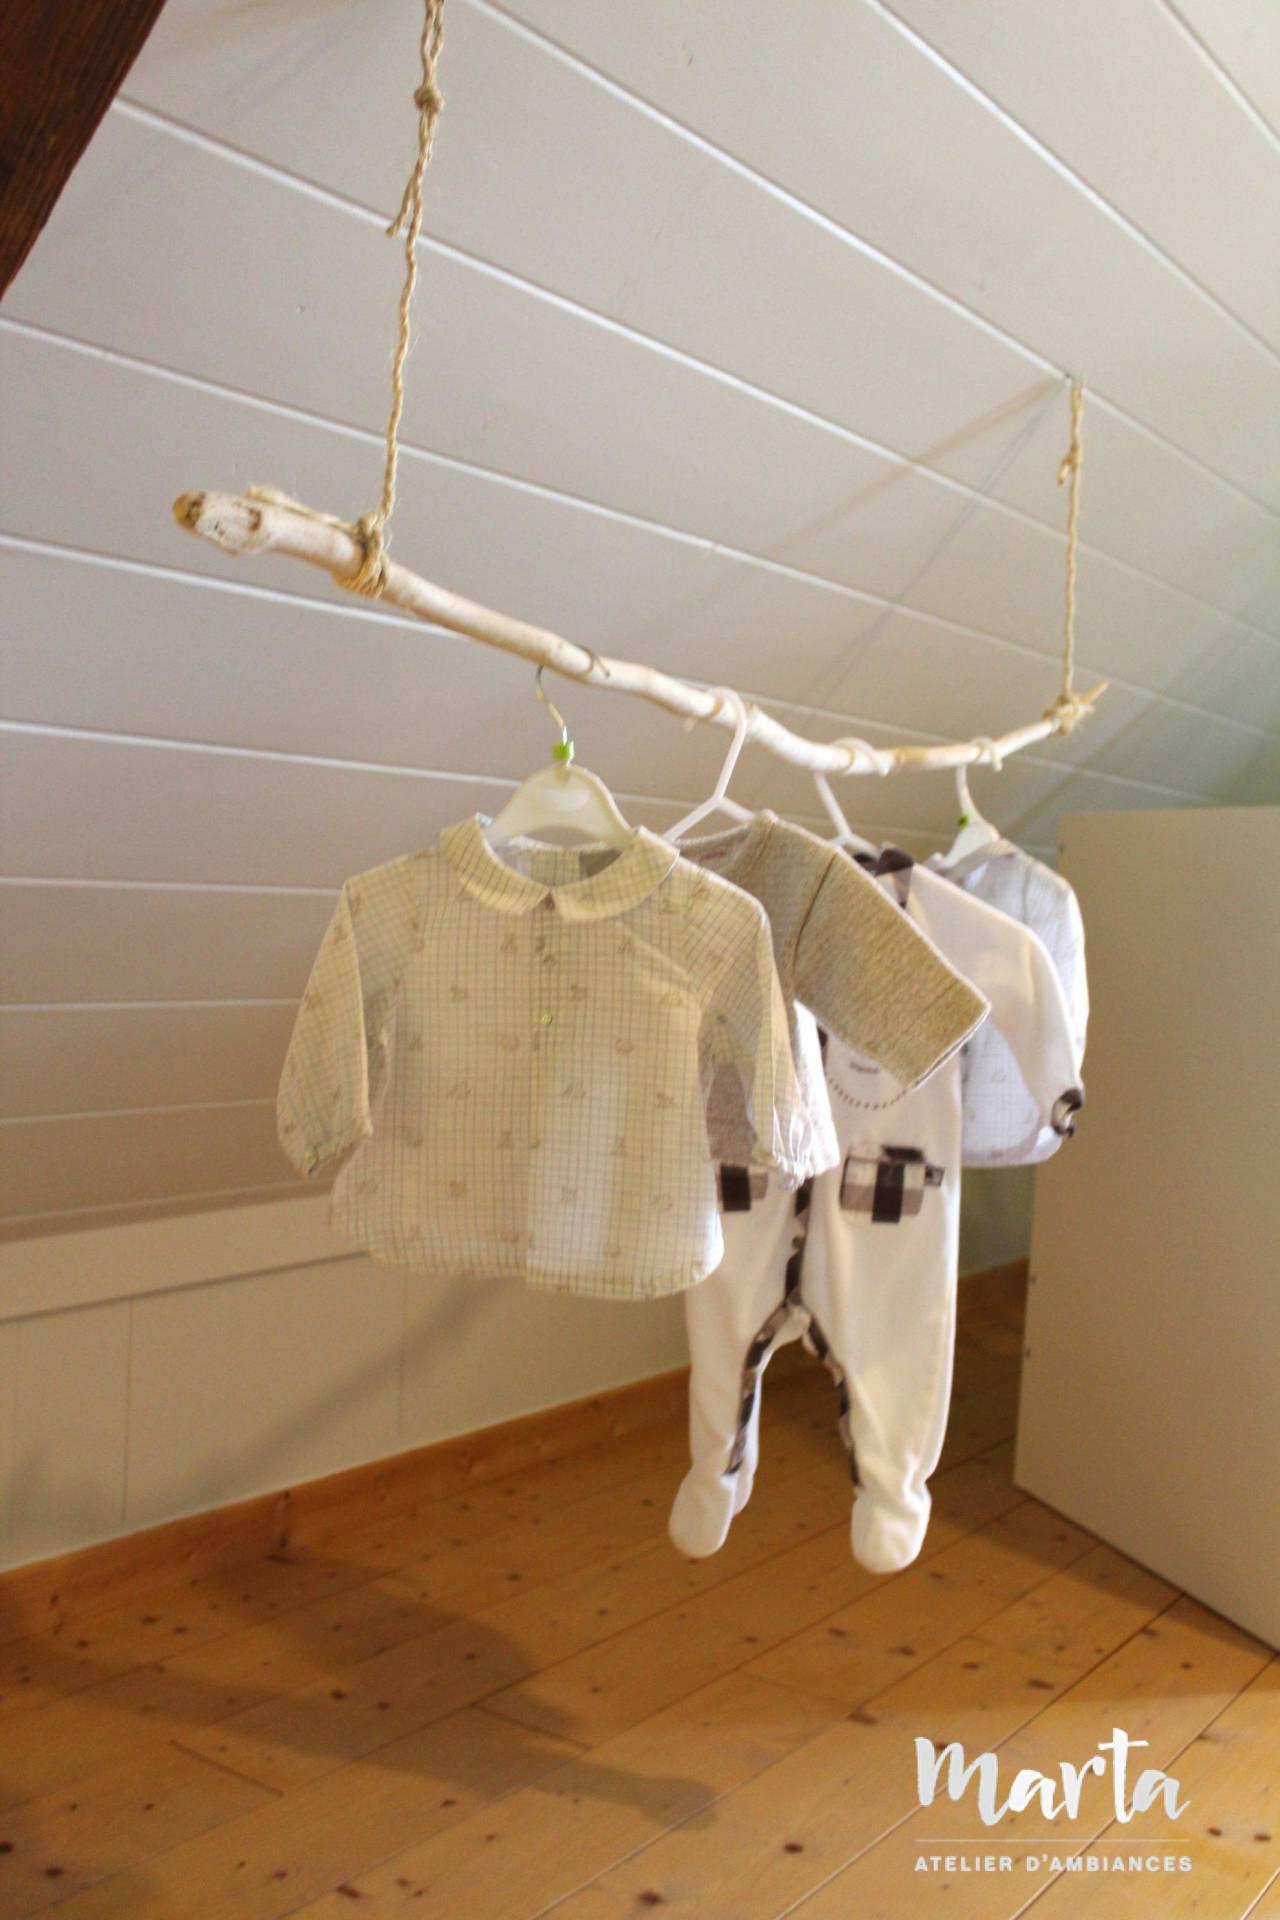 4. Branche de bois flotté en guise de penderie originale et très décorative pour cette chambre